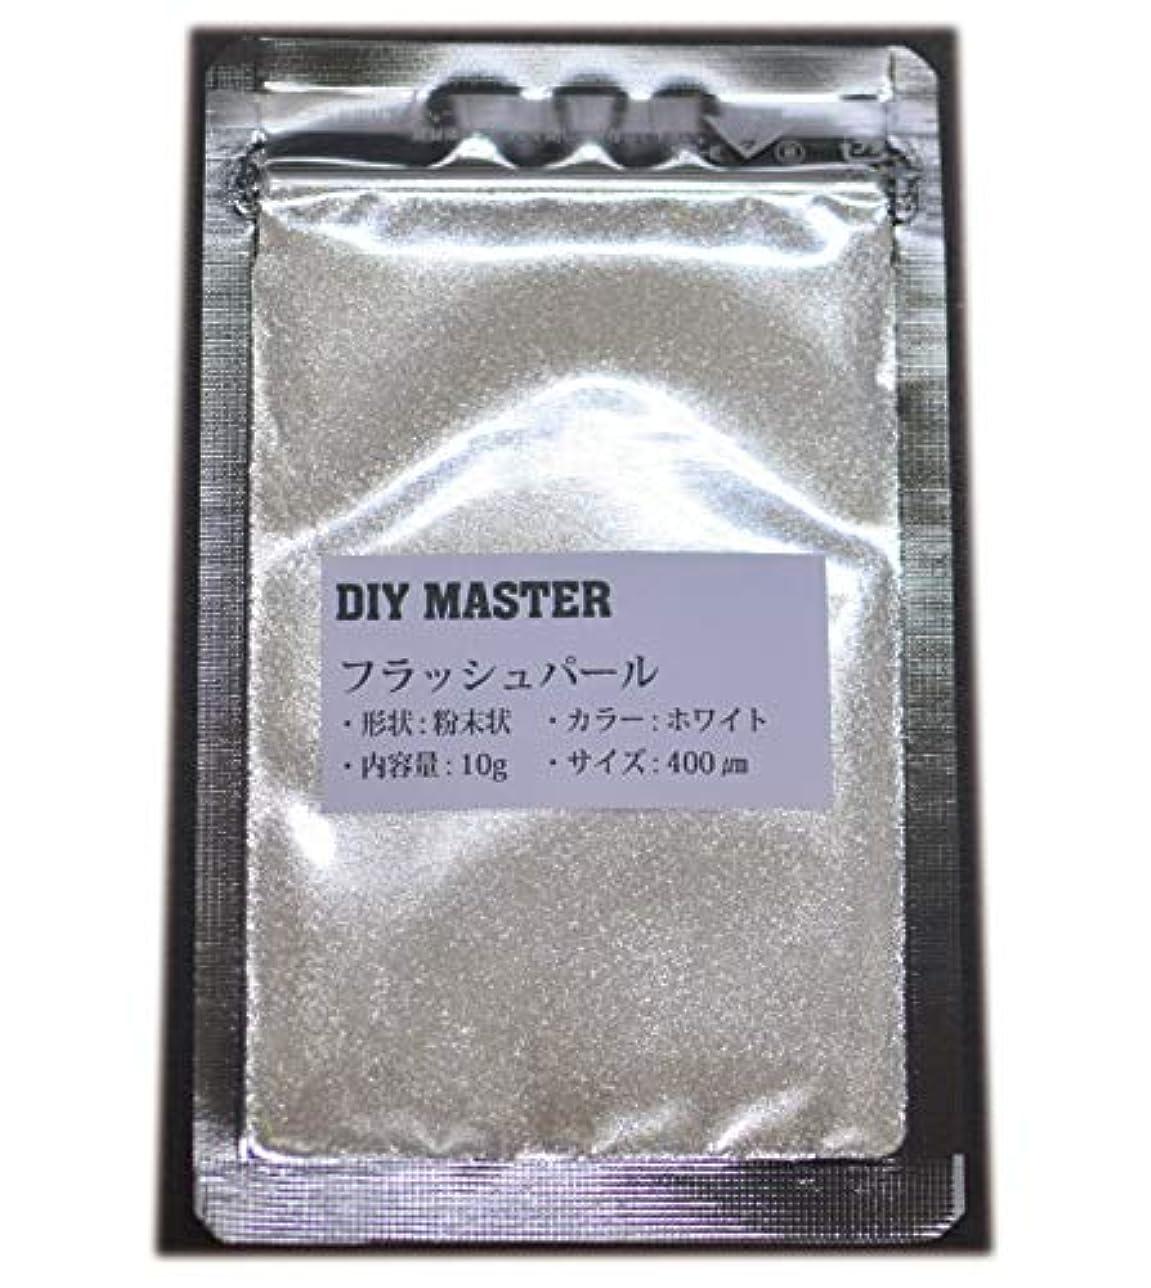 リーチ頑丈紛争DIY MASTER フラッシュパール ホワイト 10g (極粗目、ドライ)